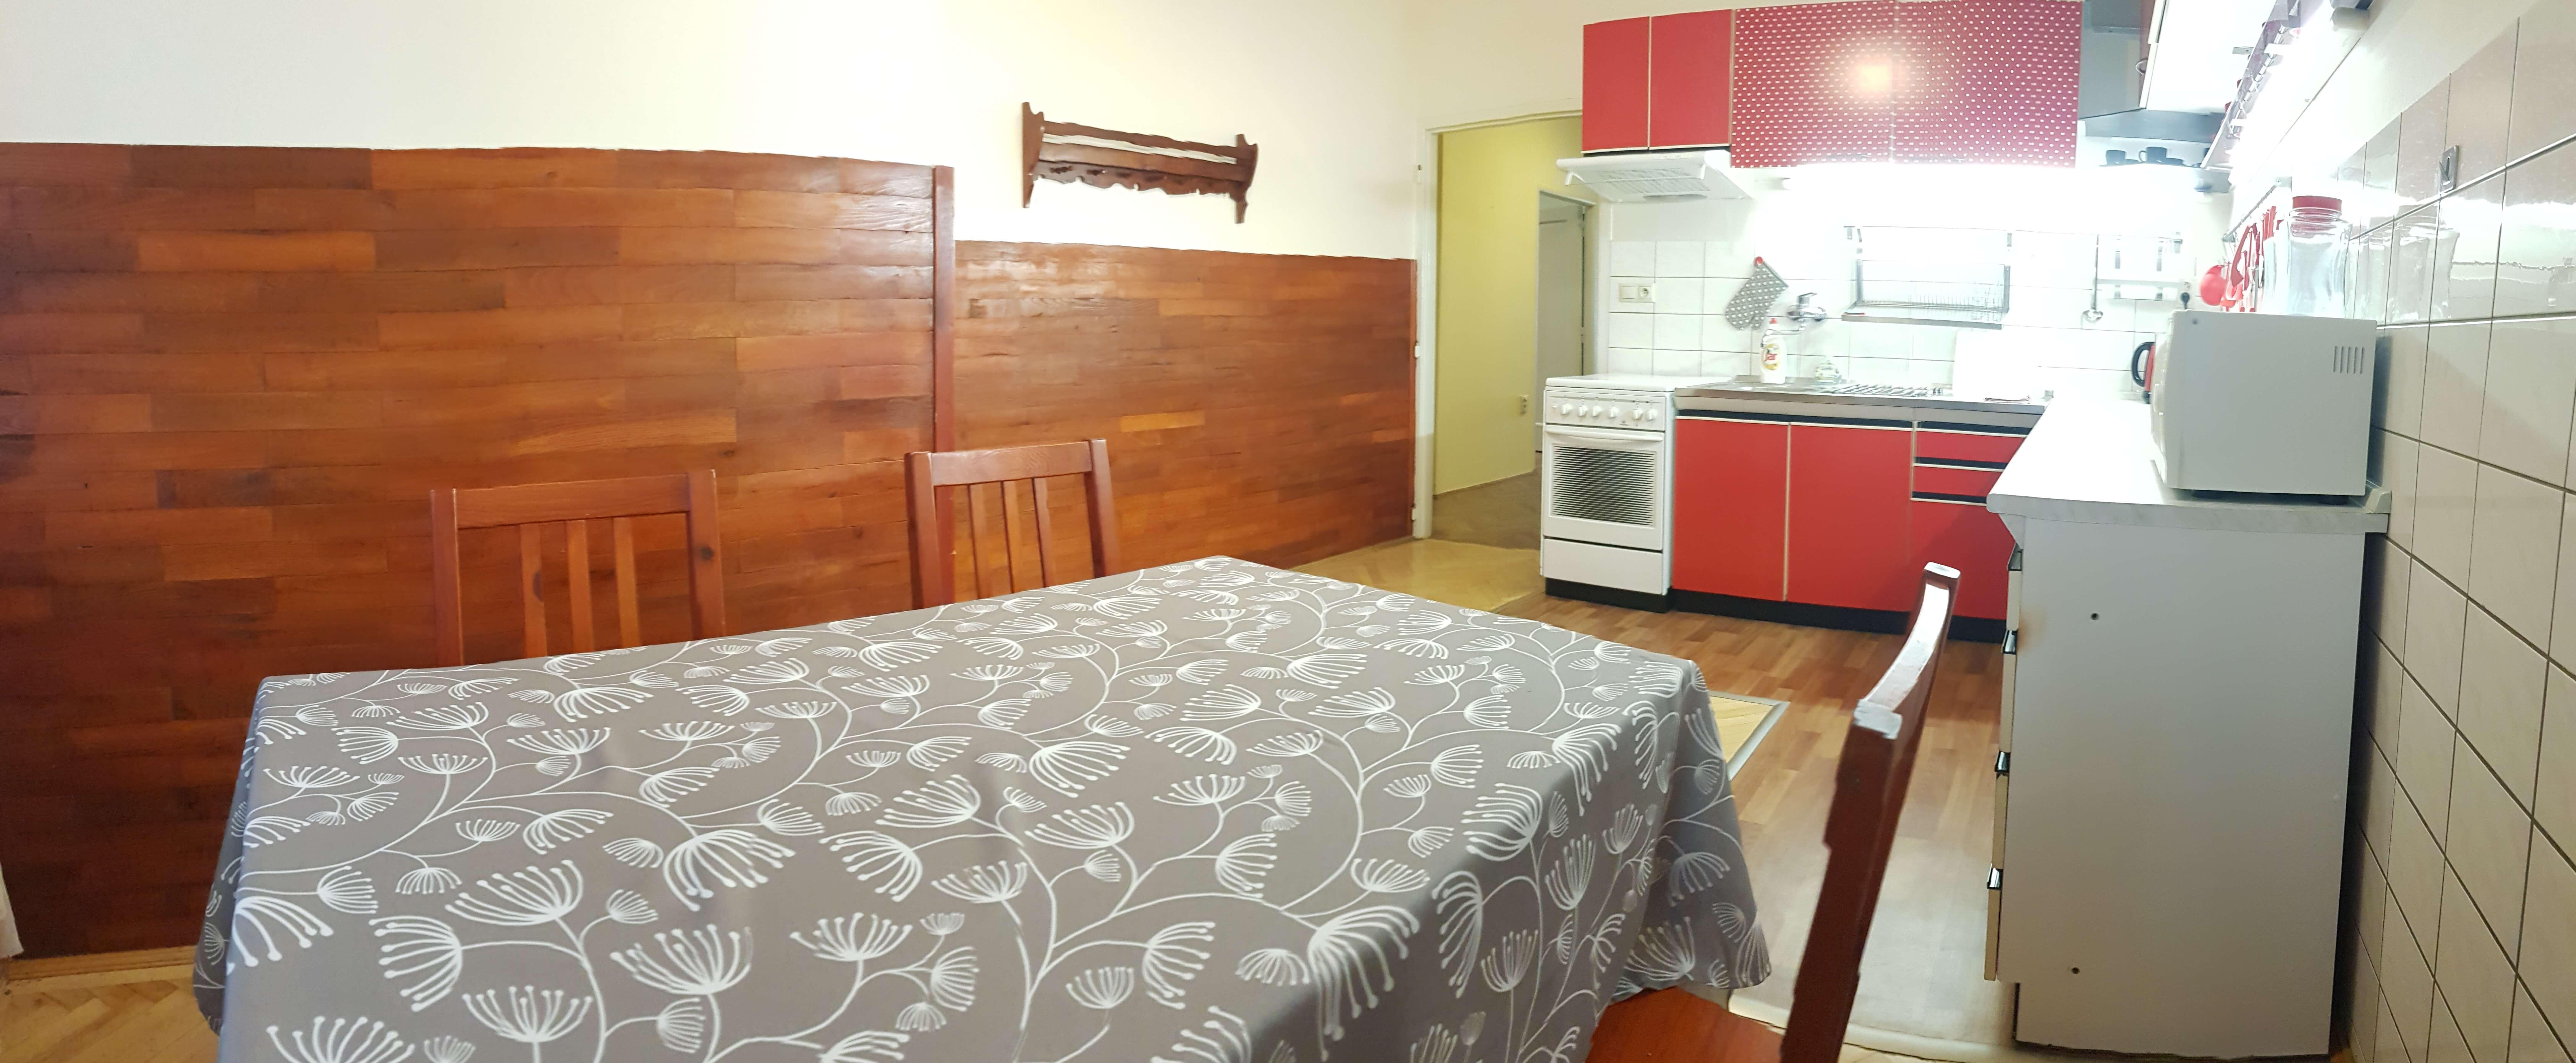 Predaj exkluzívneho 2 izb. bytu, staré mesto, Šancová ulica, Bratislava, 75m2, kompletne zariadený-22